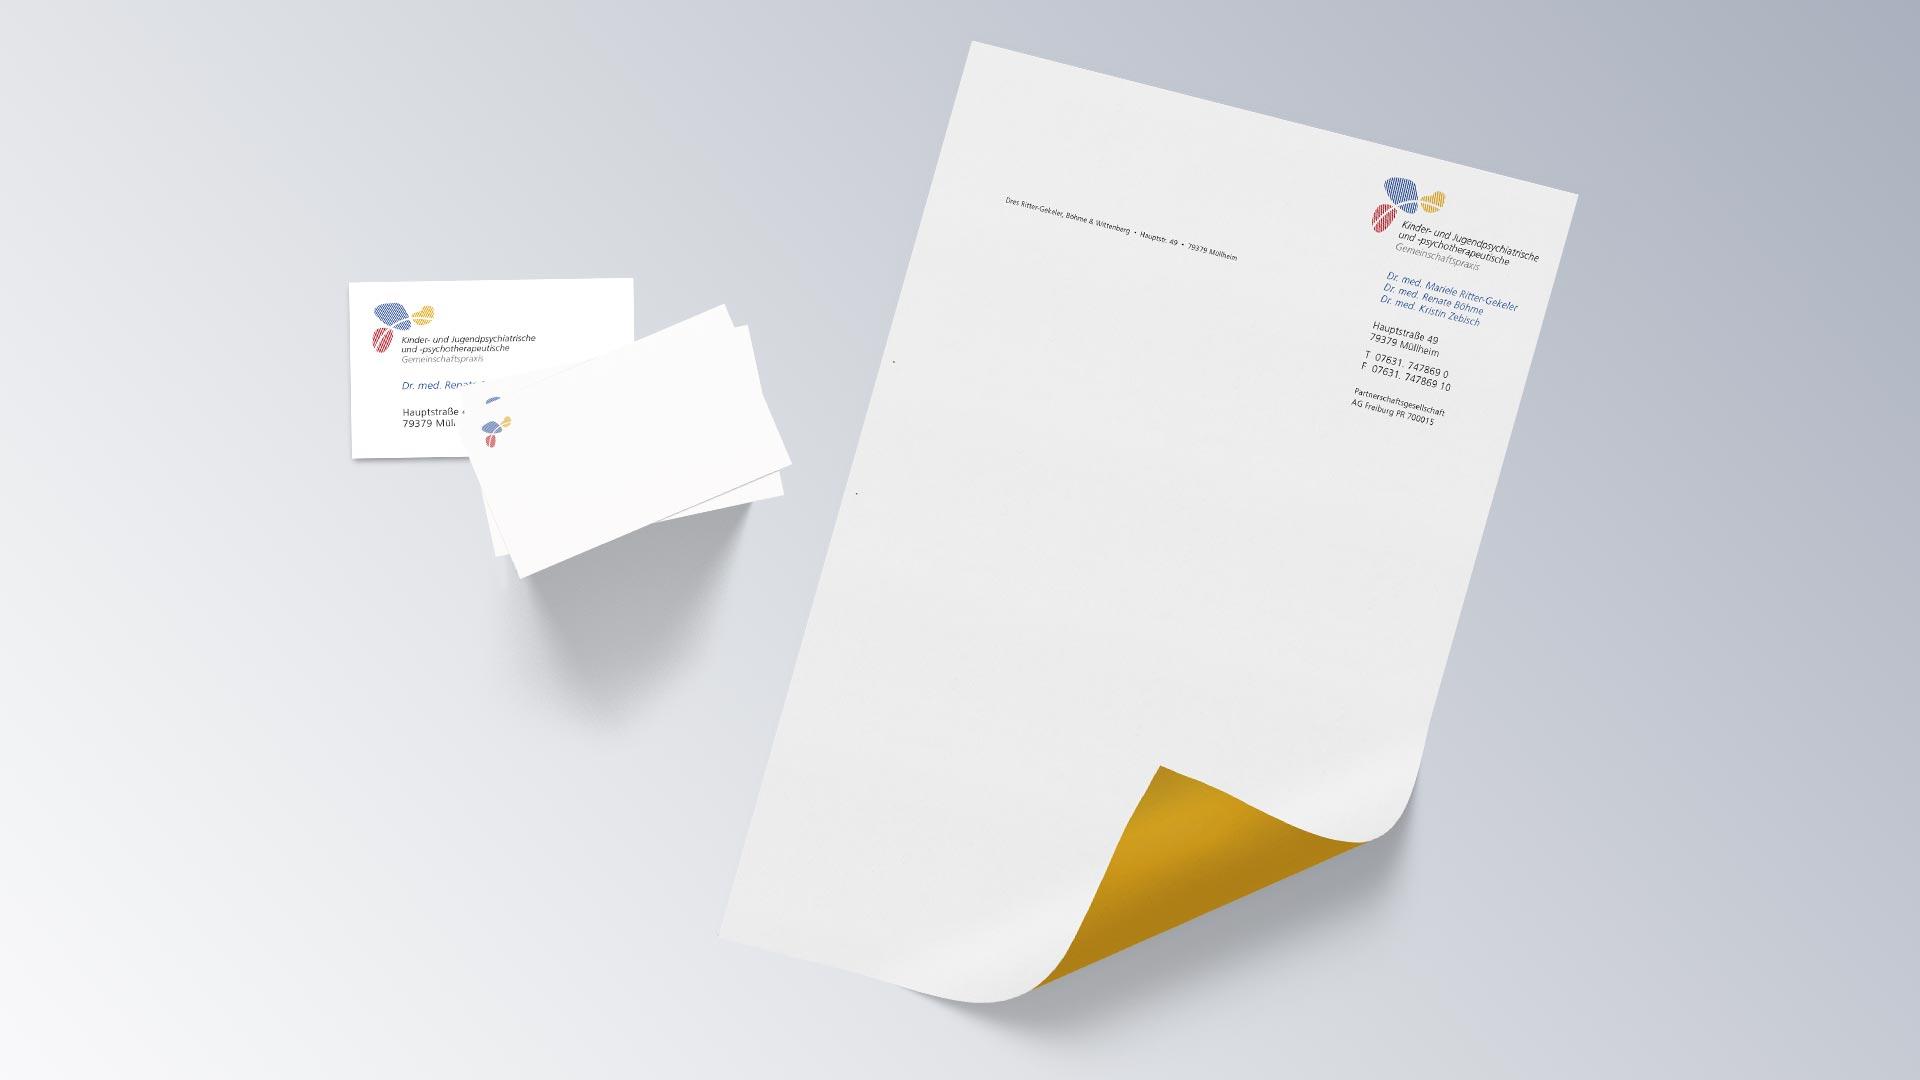 Kinder- und Jugendpsychiatrische und -psychotherapeutische Gemeinschaftspraxis Geschäftsausstattung Visitenkarte Briefbogen